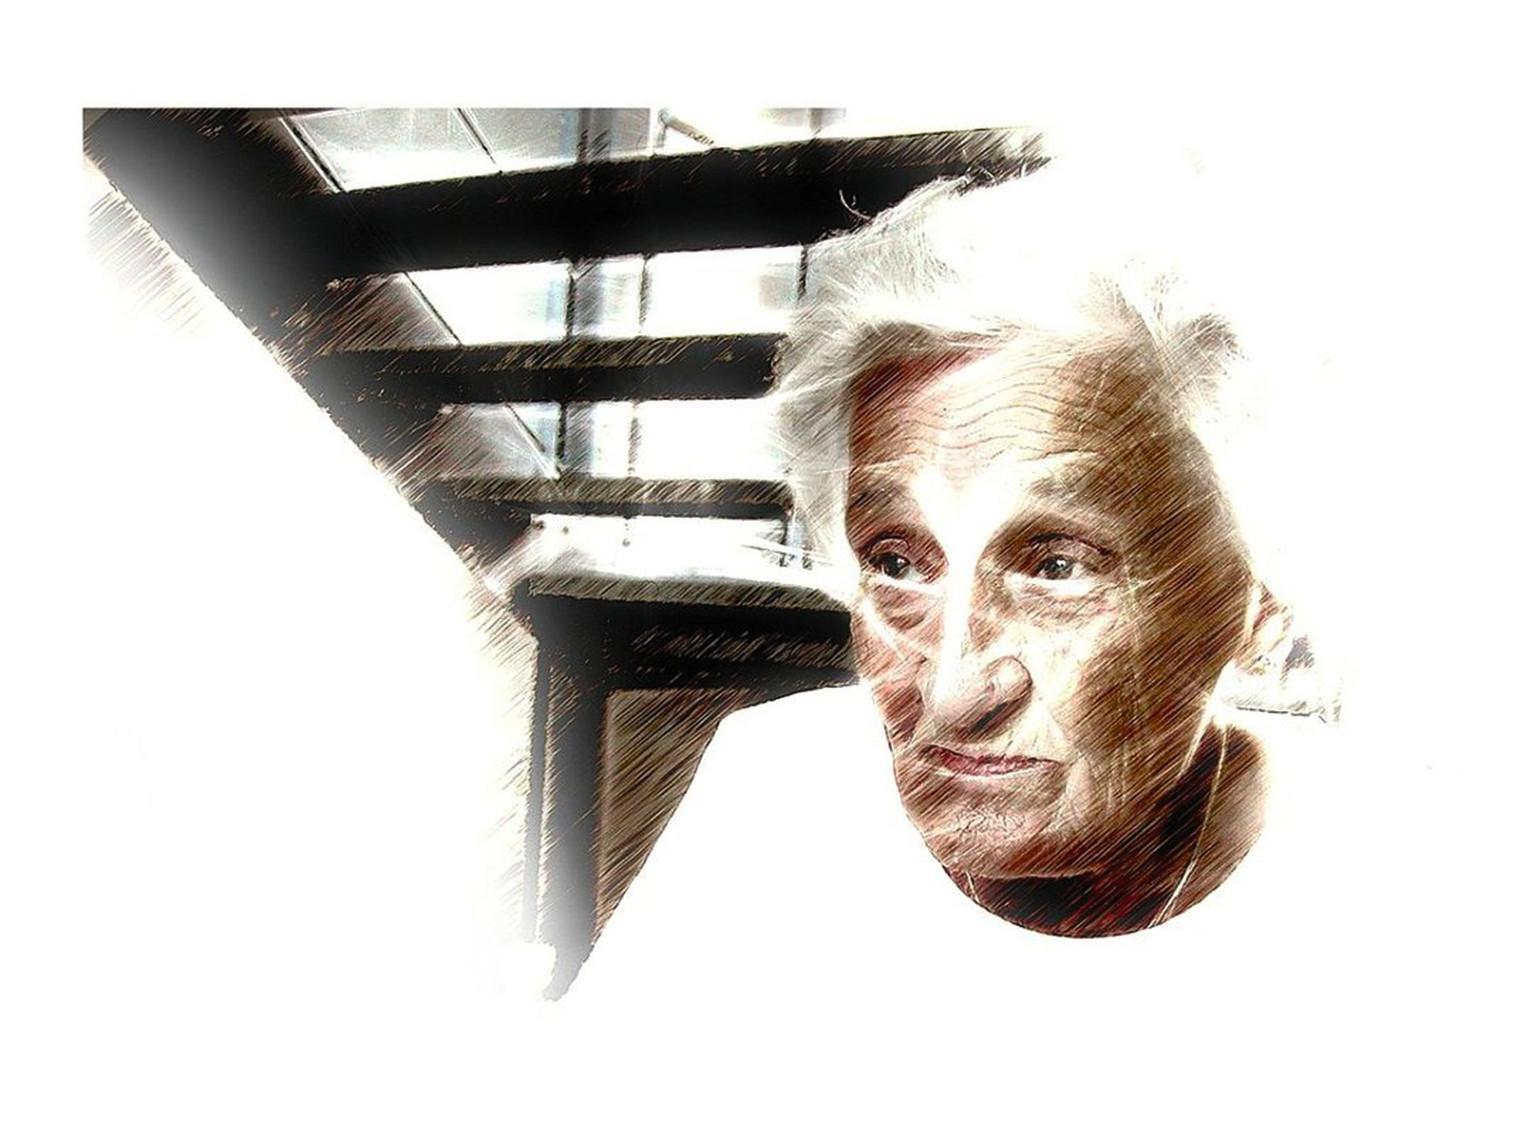 Go to Како помоћи оболелима од деменције